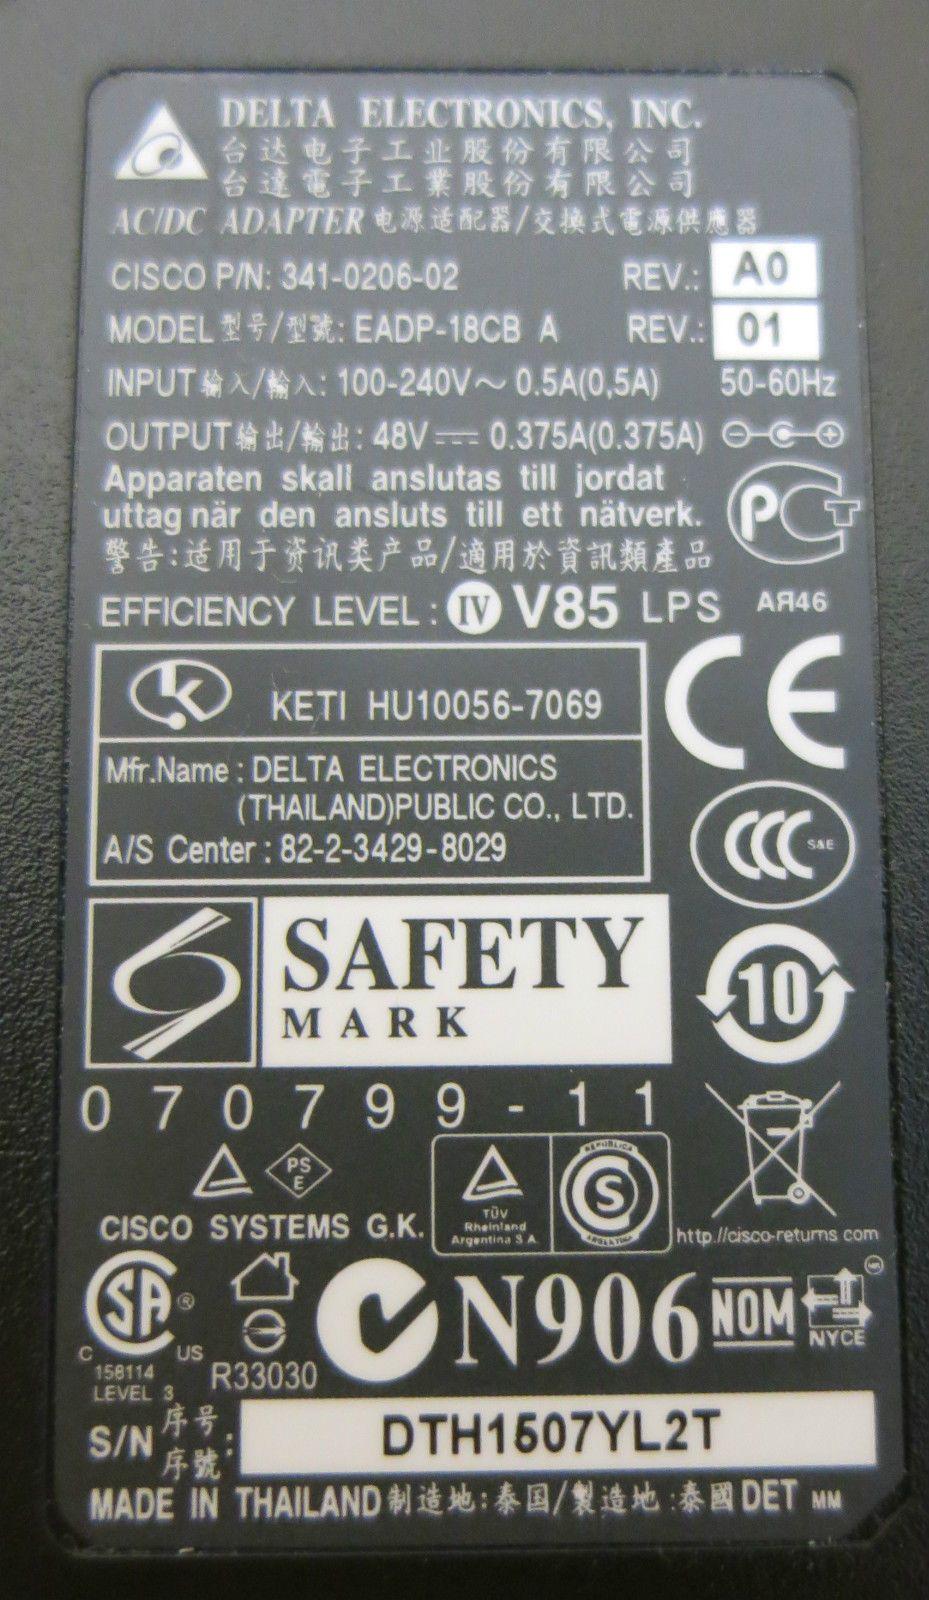 Cisco IP Phone 7900 Series - Power Adapter